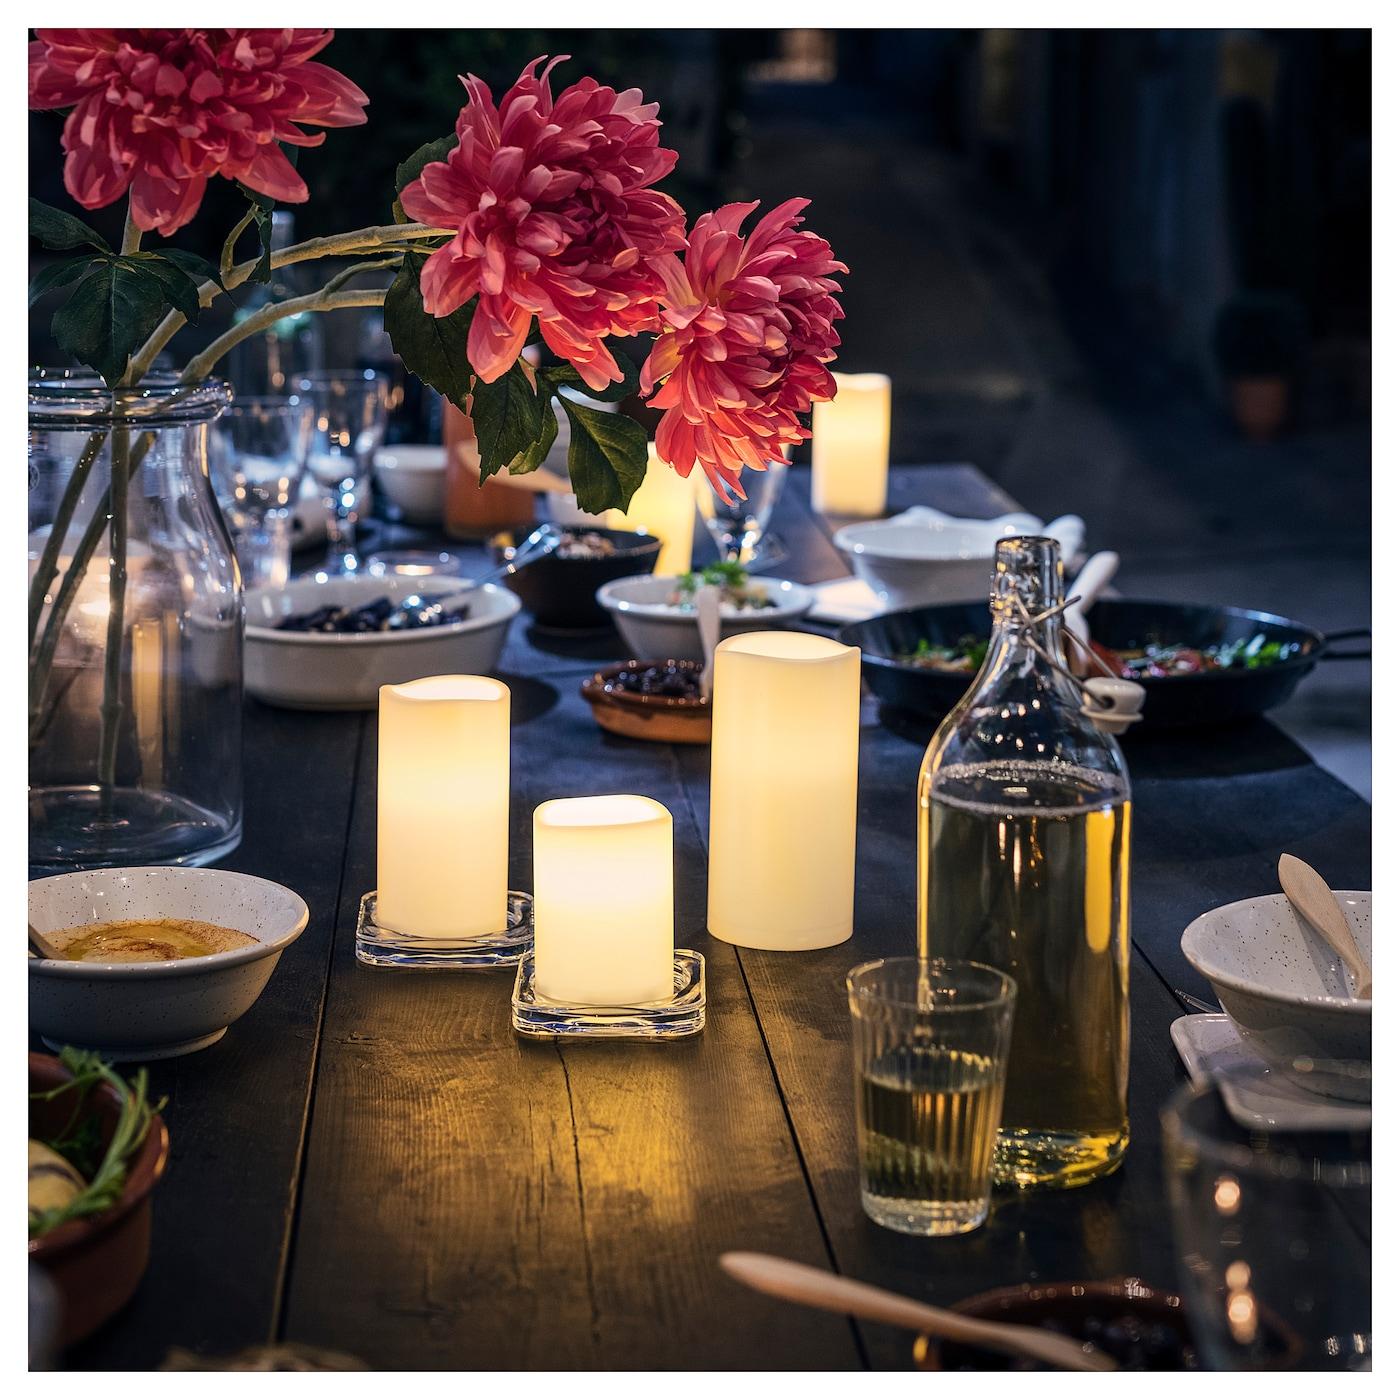 * Nouveau * godafton DEL Bloc Candle in//out Batterie Rose * IKEA Set de 2